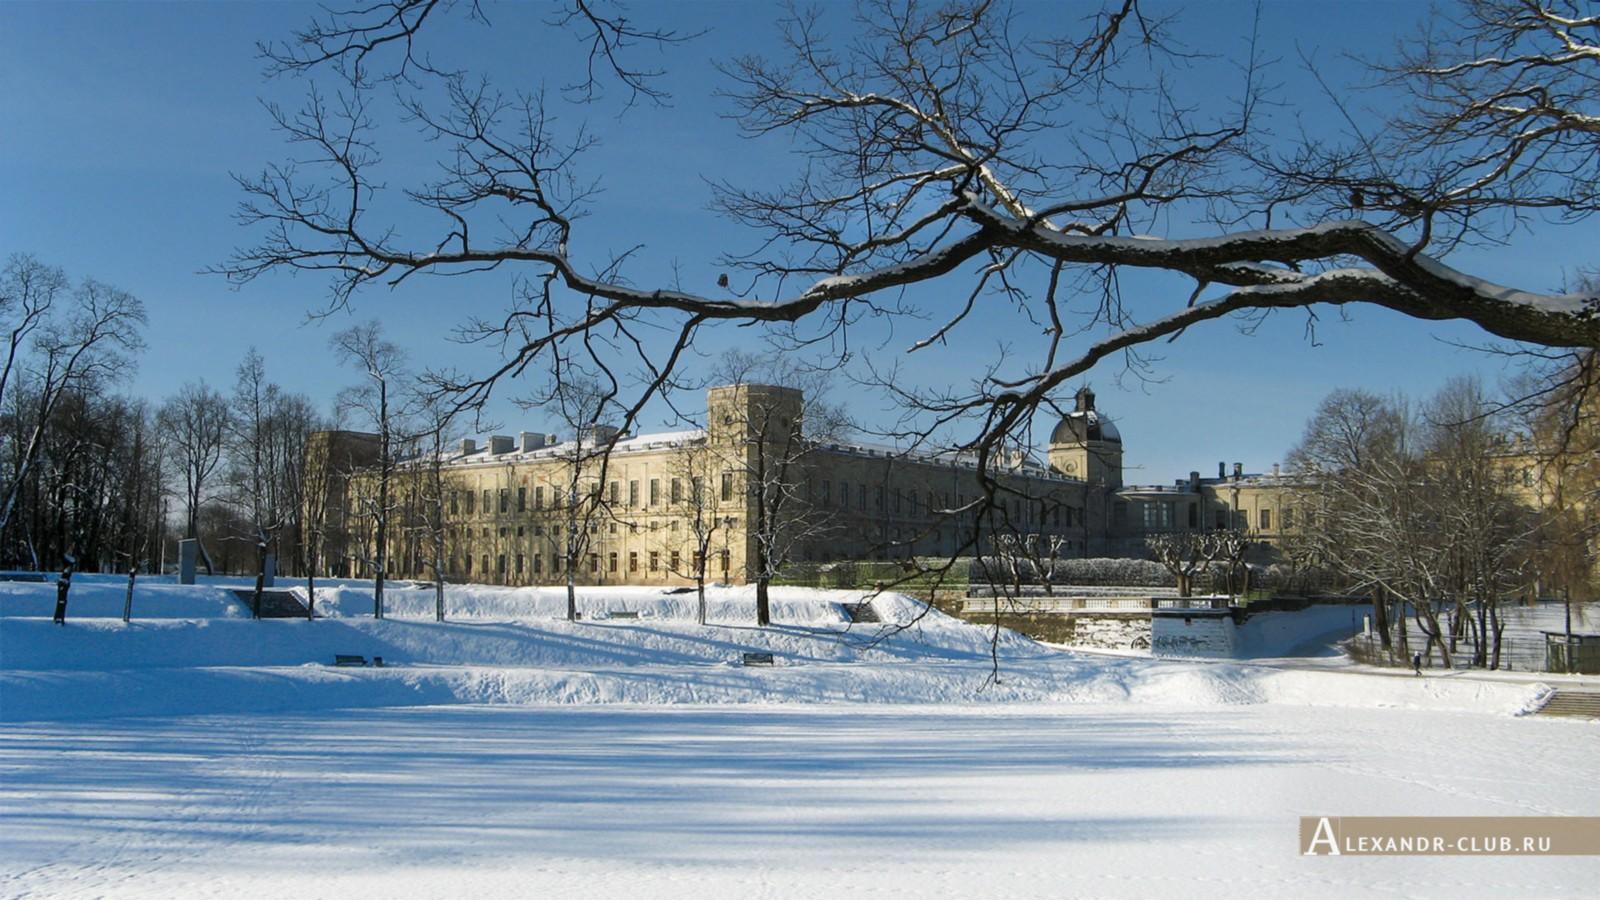 Вид на дворец со стороны Нижнего Голландского сада, Гатчинский парк